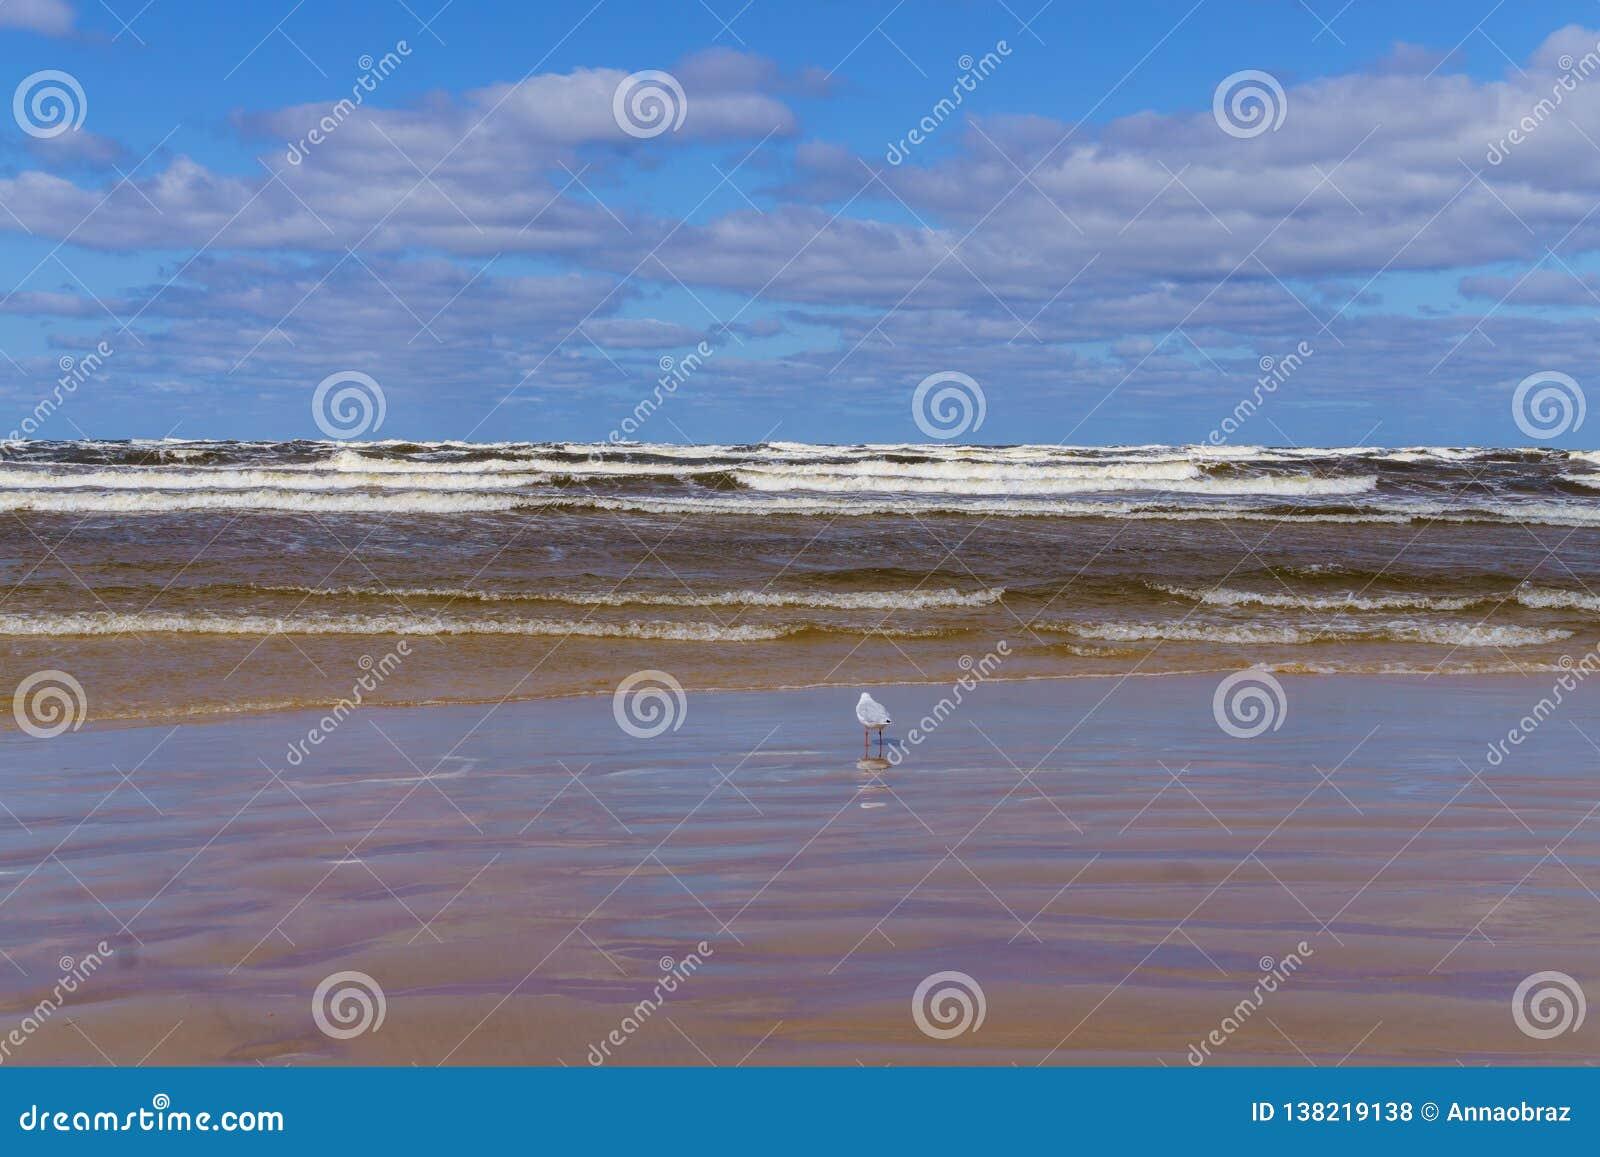 Μια θυελλώδης ημέρα στην ακτή του Κόλπου της Ρήγας Jurmala, Λετονία